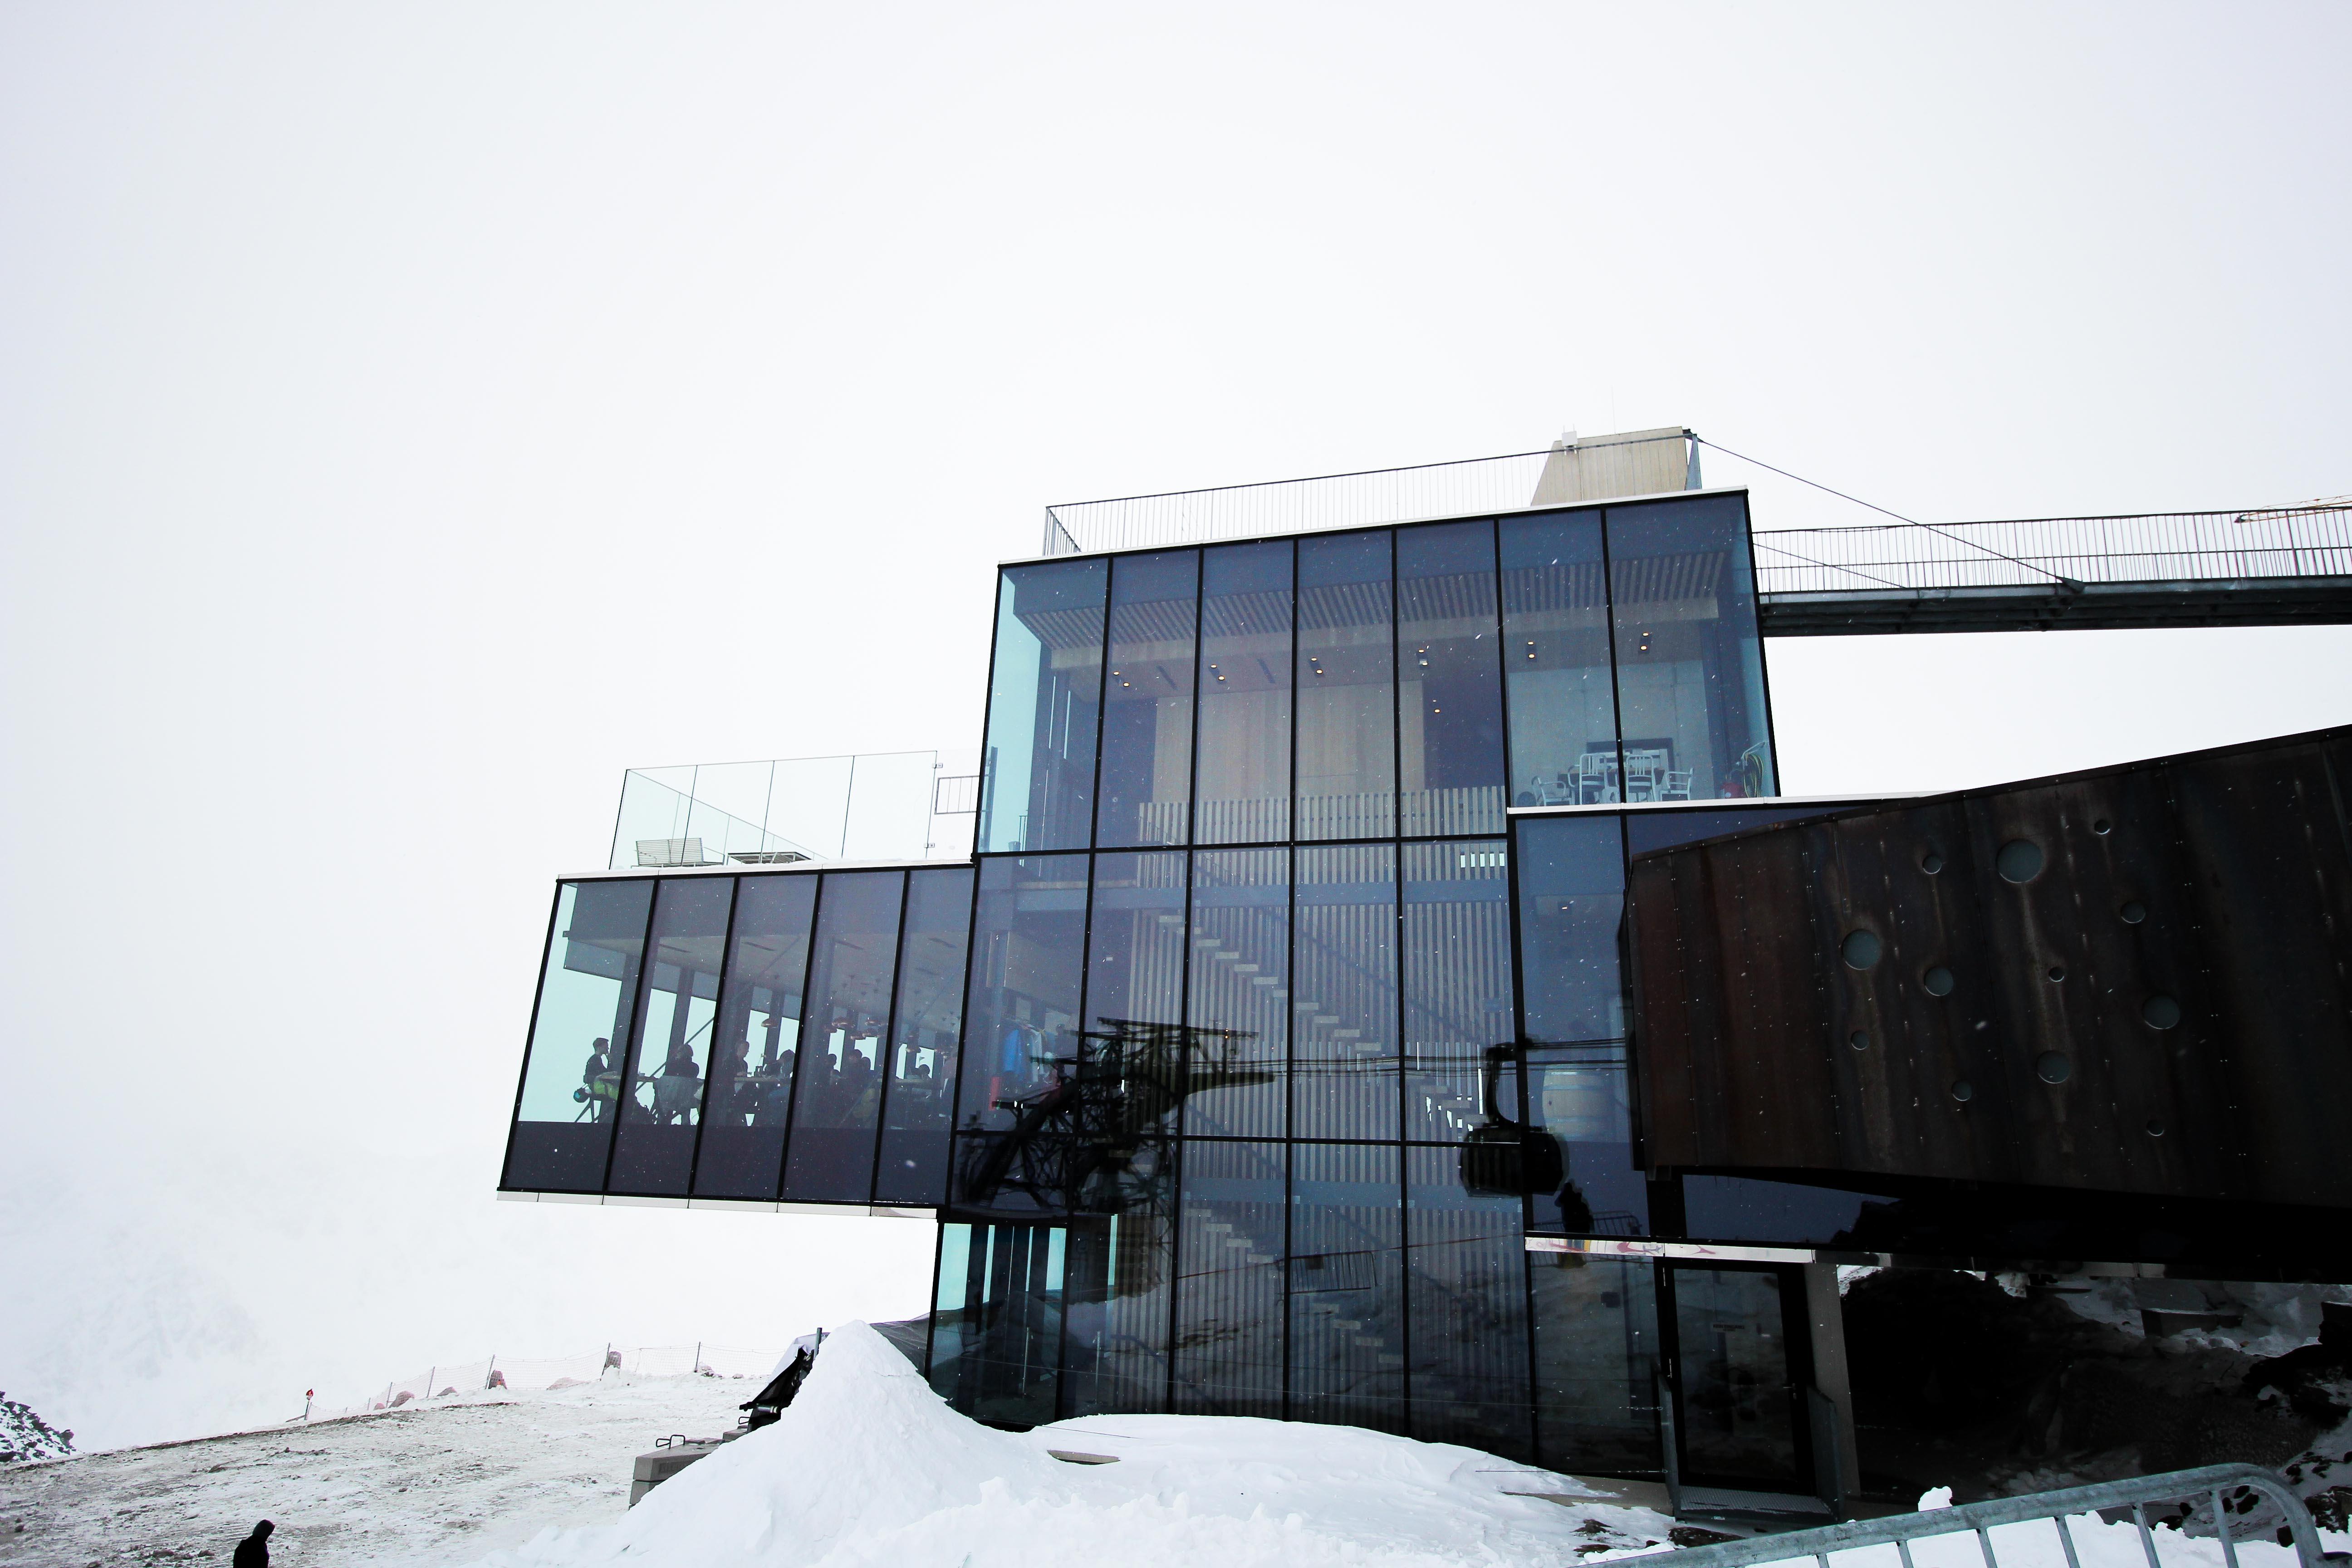 Gourmet-Restaurant iceQ Sölden Tirol Österreich James Bond Location Spectre 3000m Gaislachkogl Reiseblog